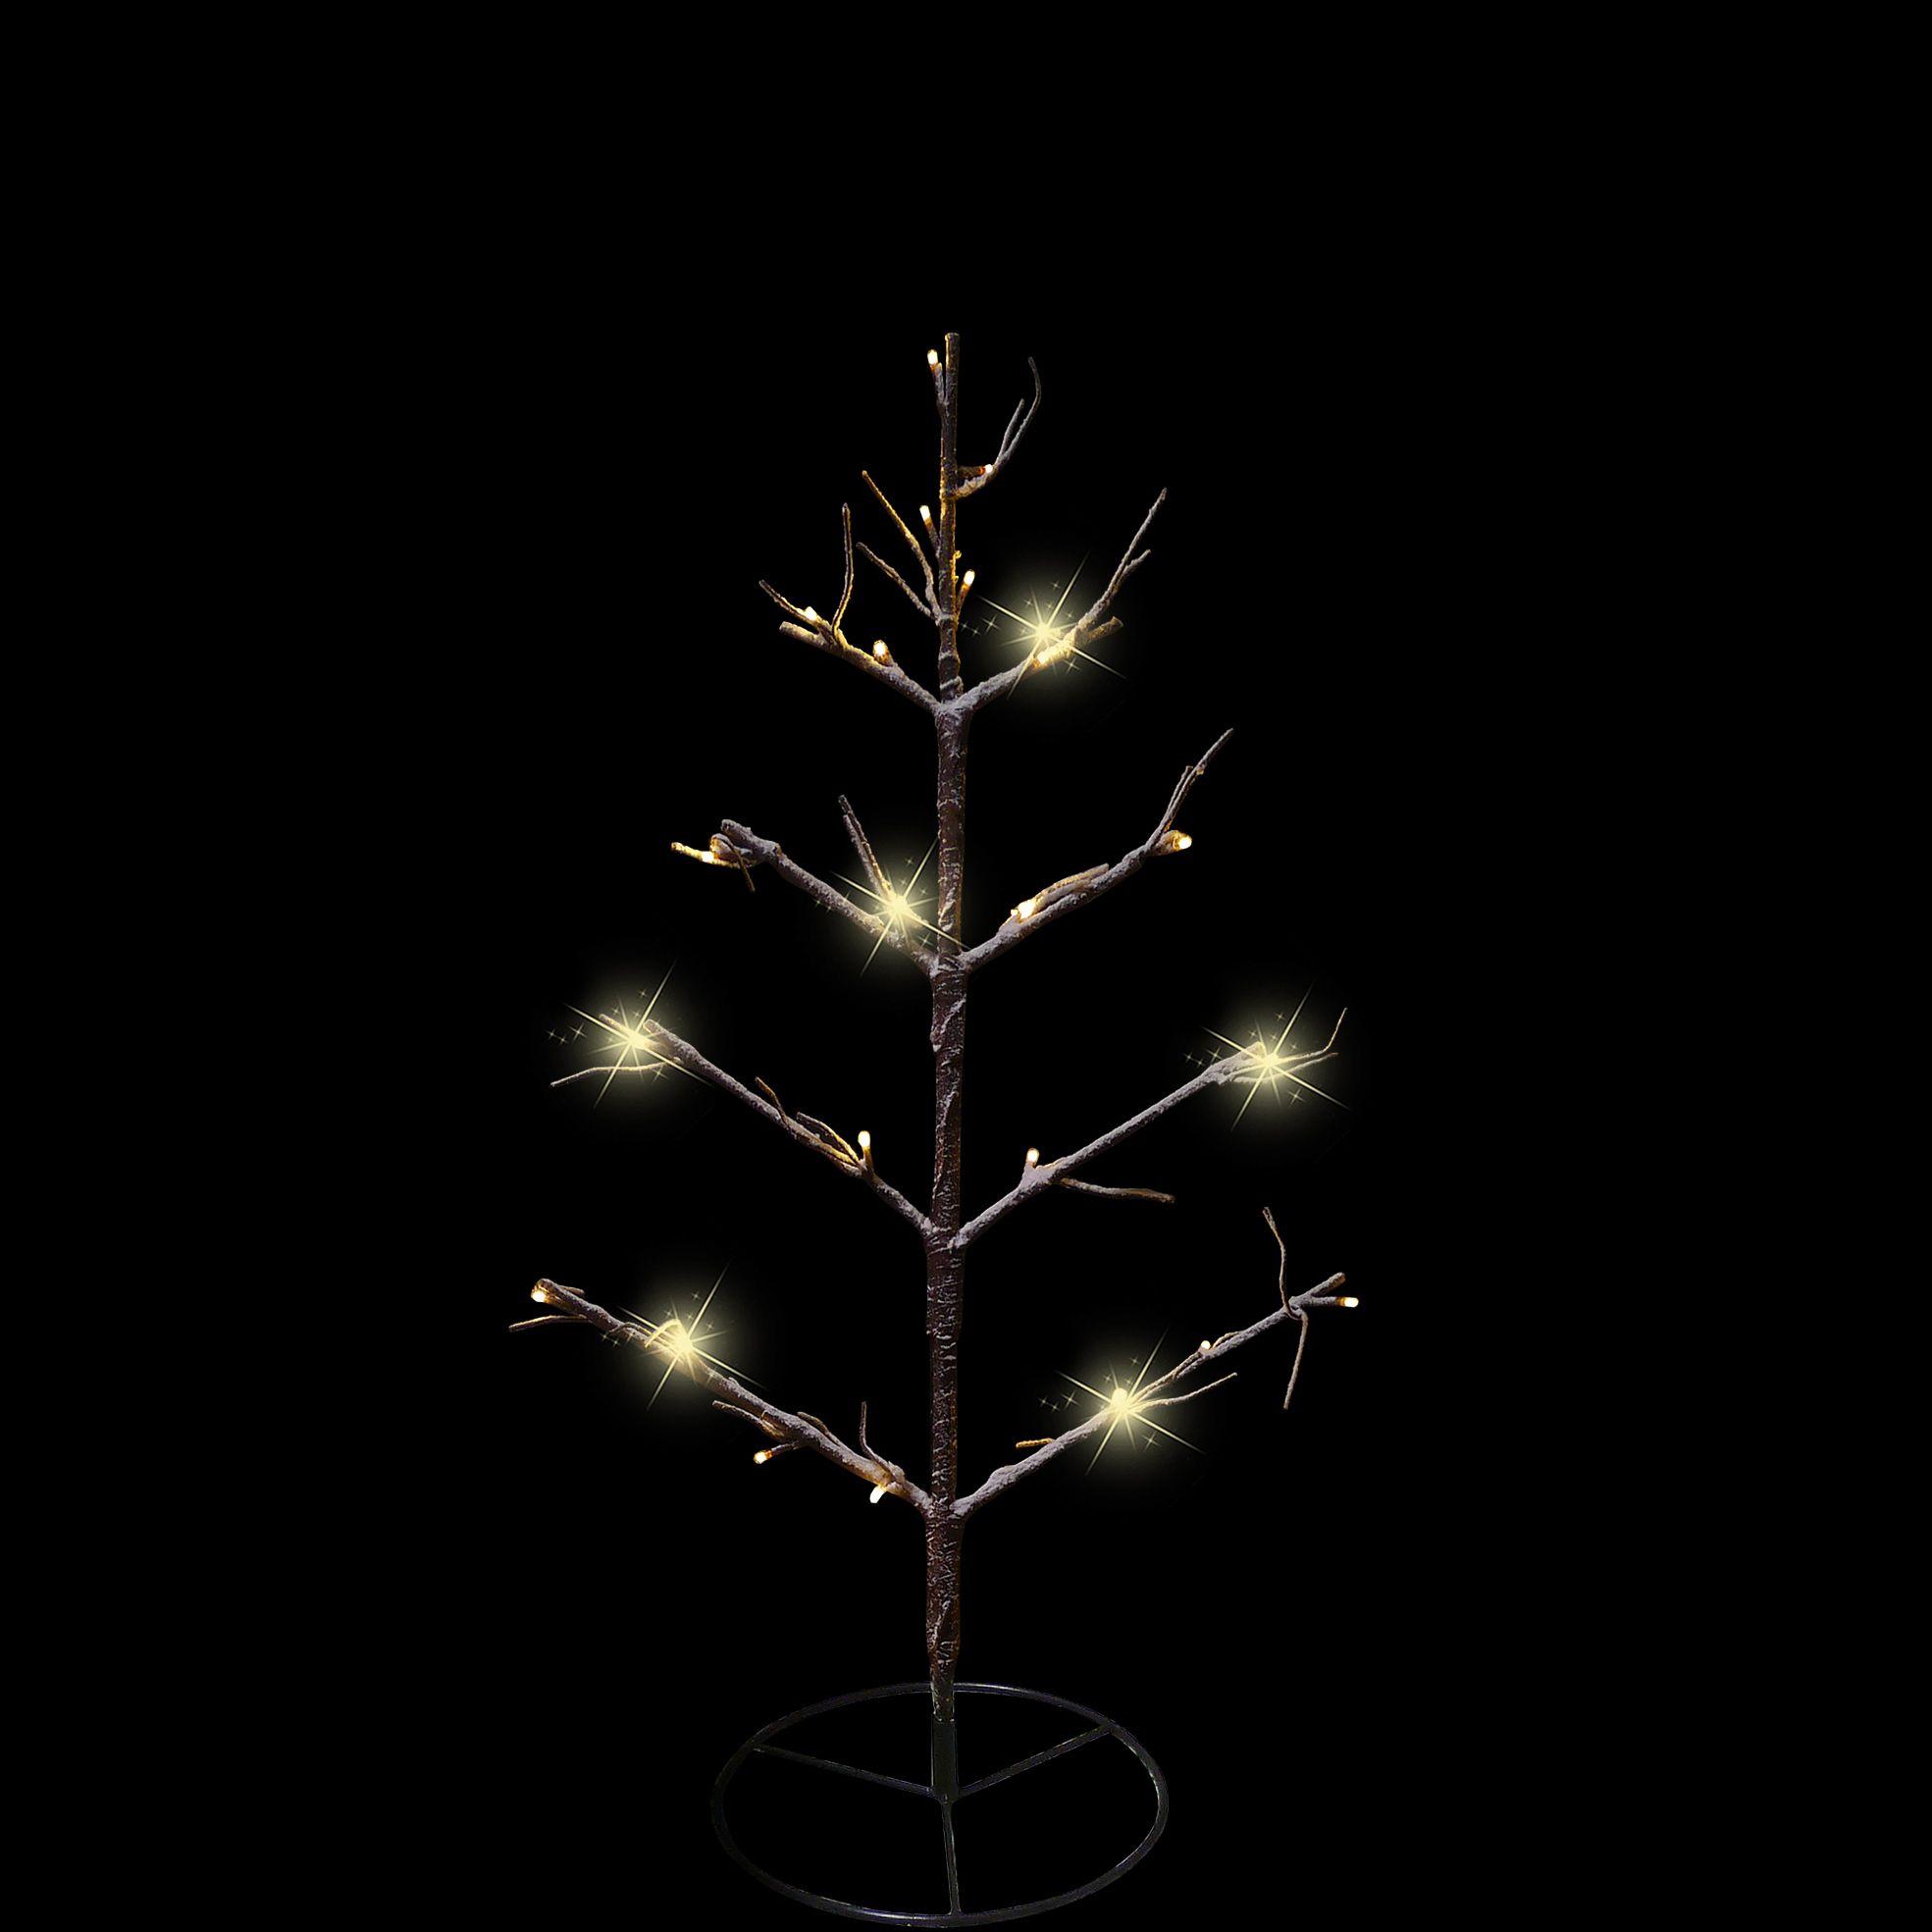 Deze kerstboom heeft LED verlichting en is dus geschikt voor binnen ...